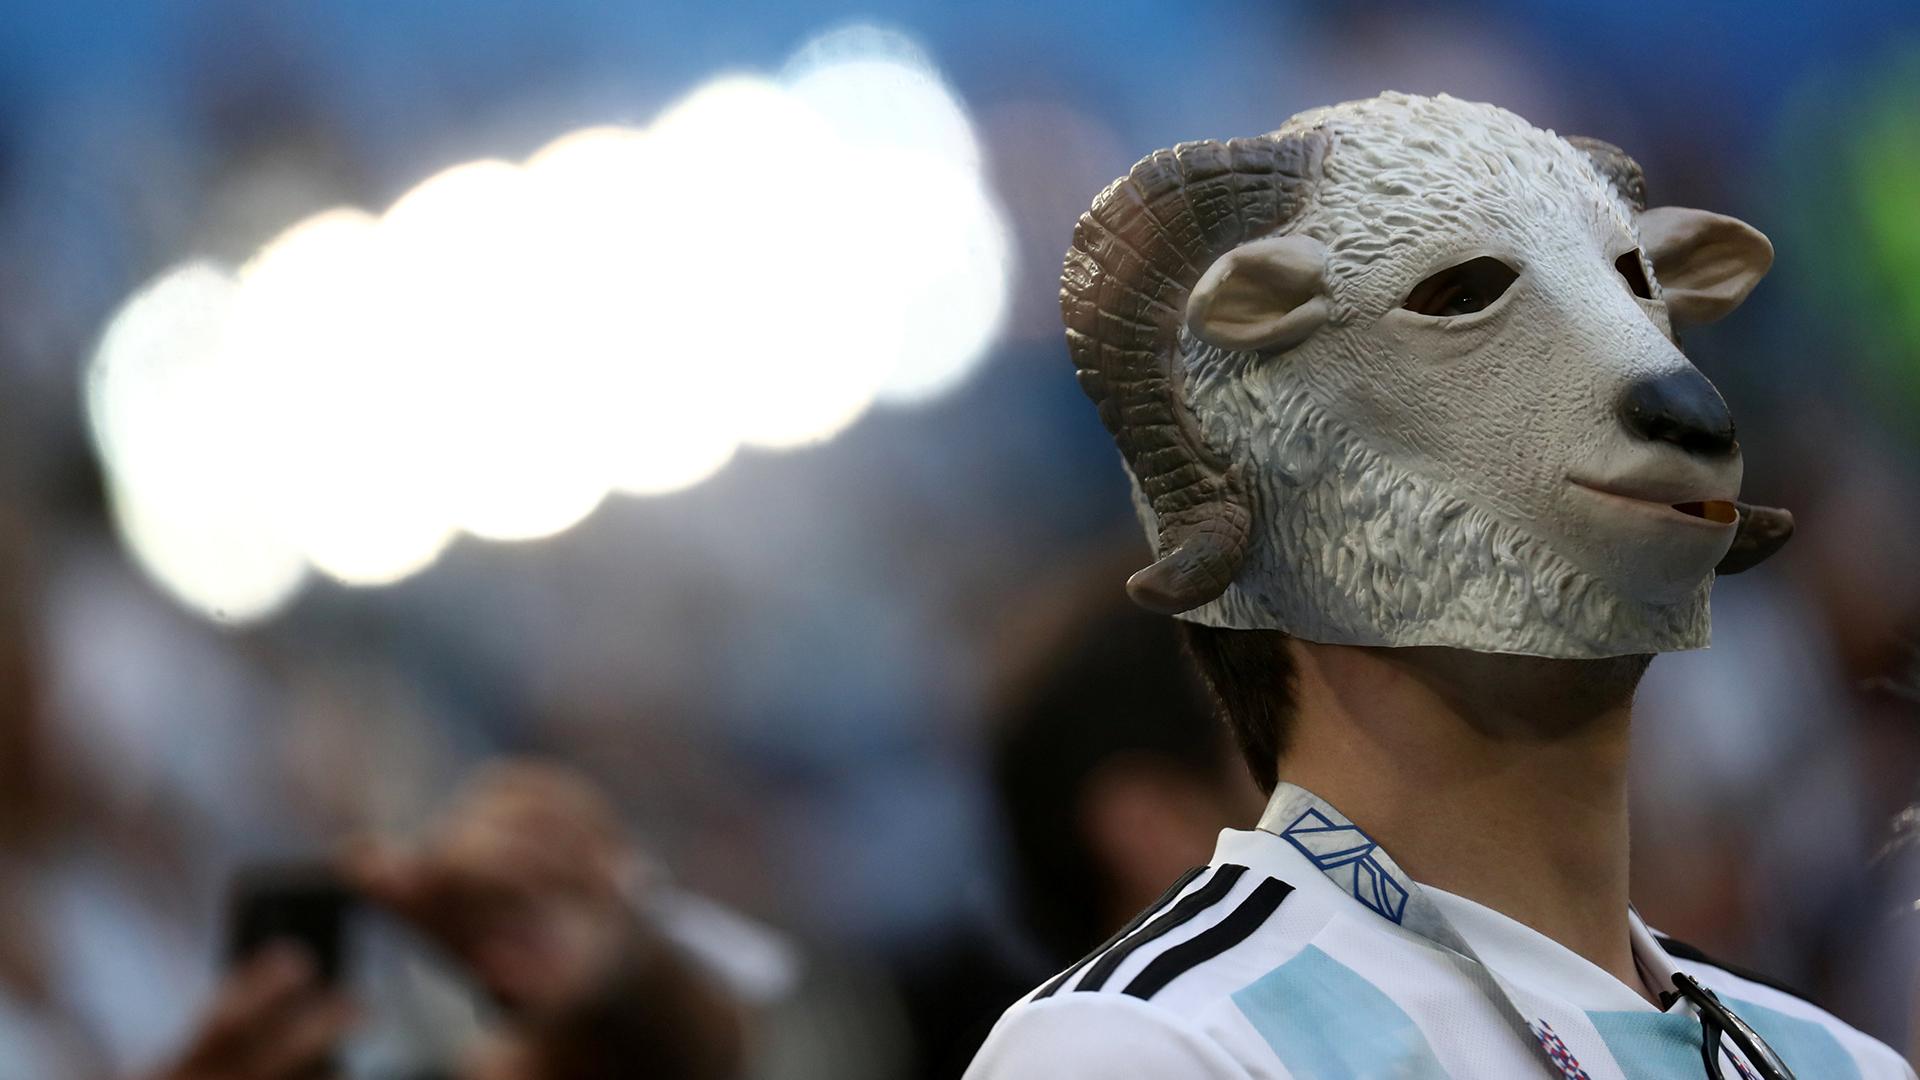 El símbolo de la cabra dirigido a Messi, en señal de que es el mejor de todos los tiempos por sus siglas en inglés